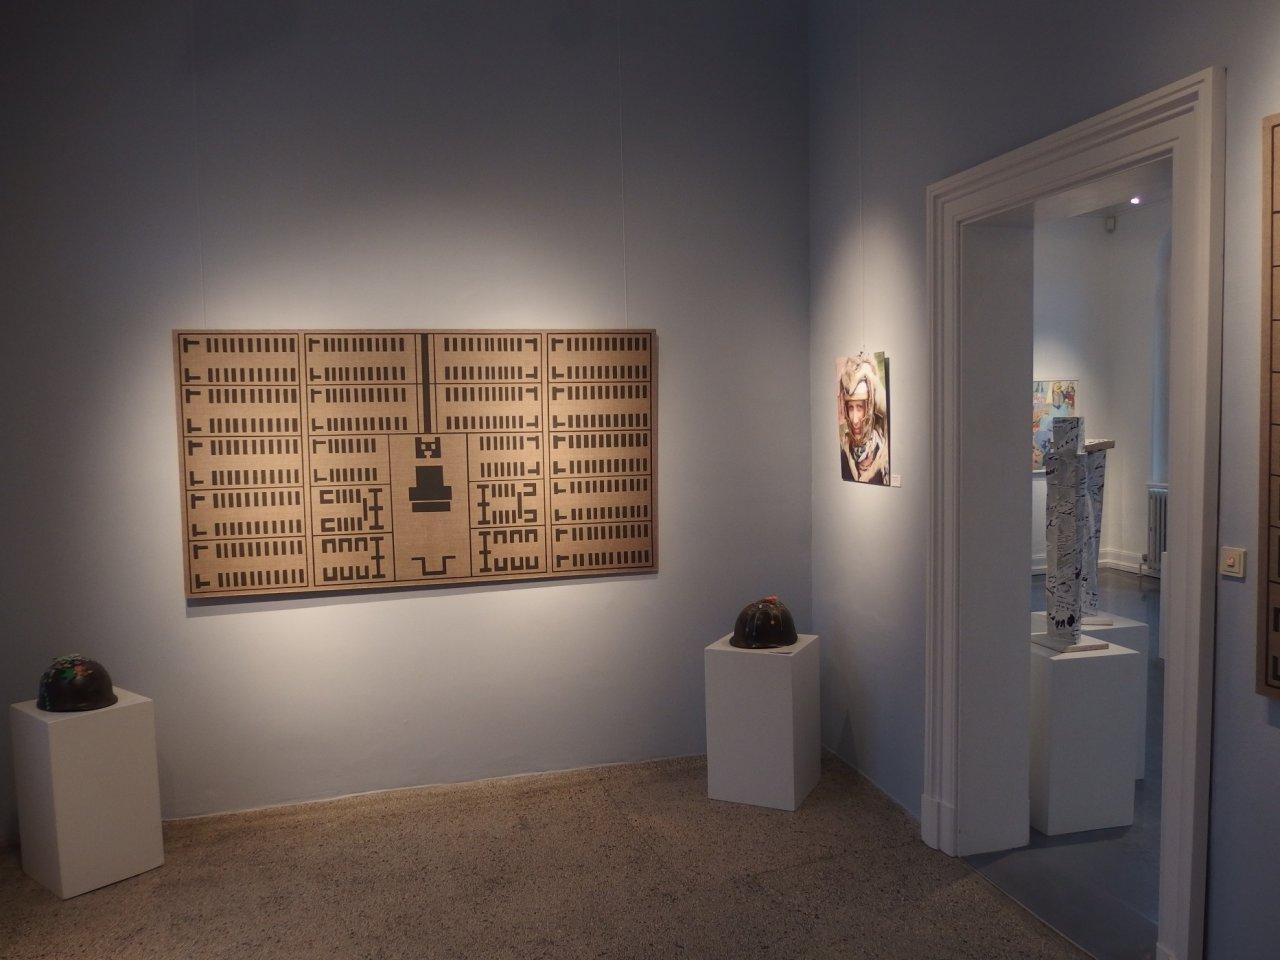 Ausstellung Apenrade 5